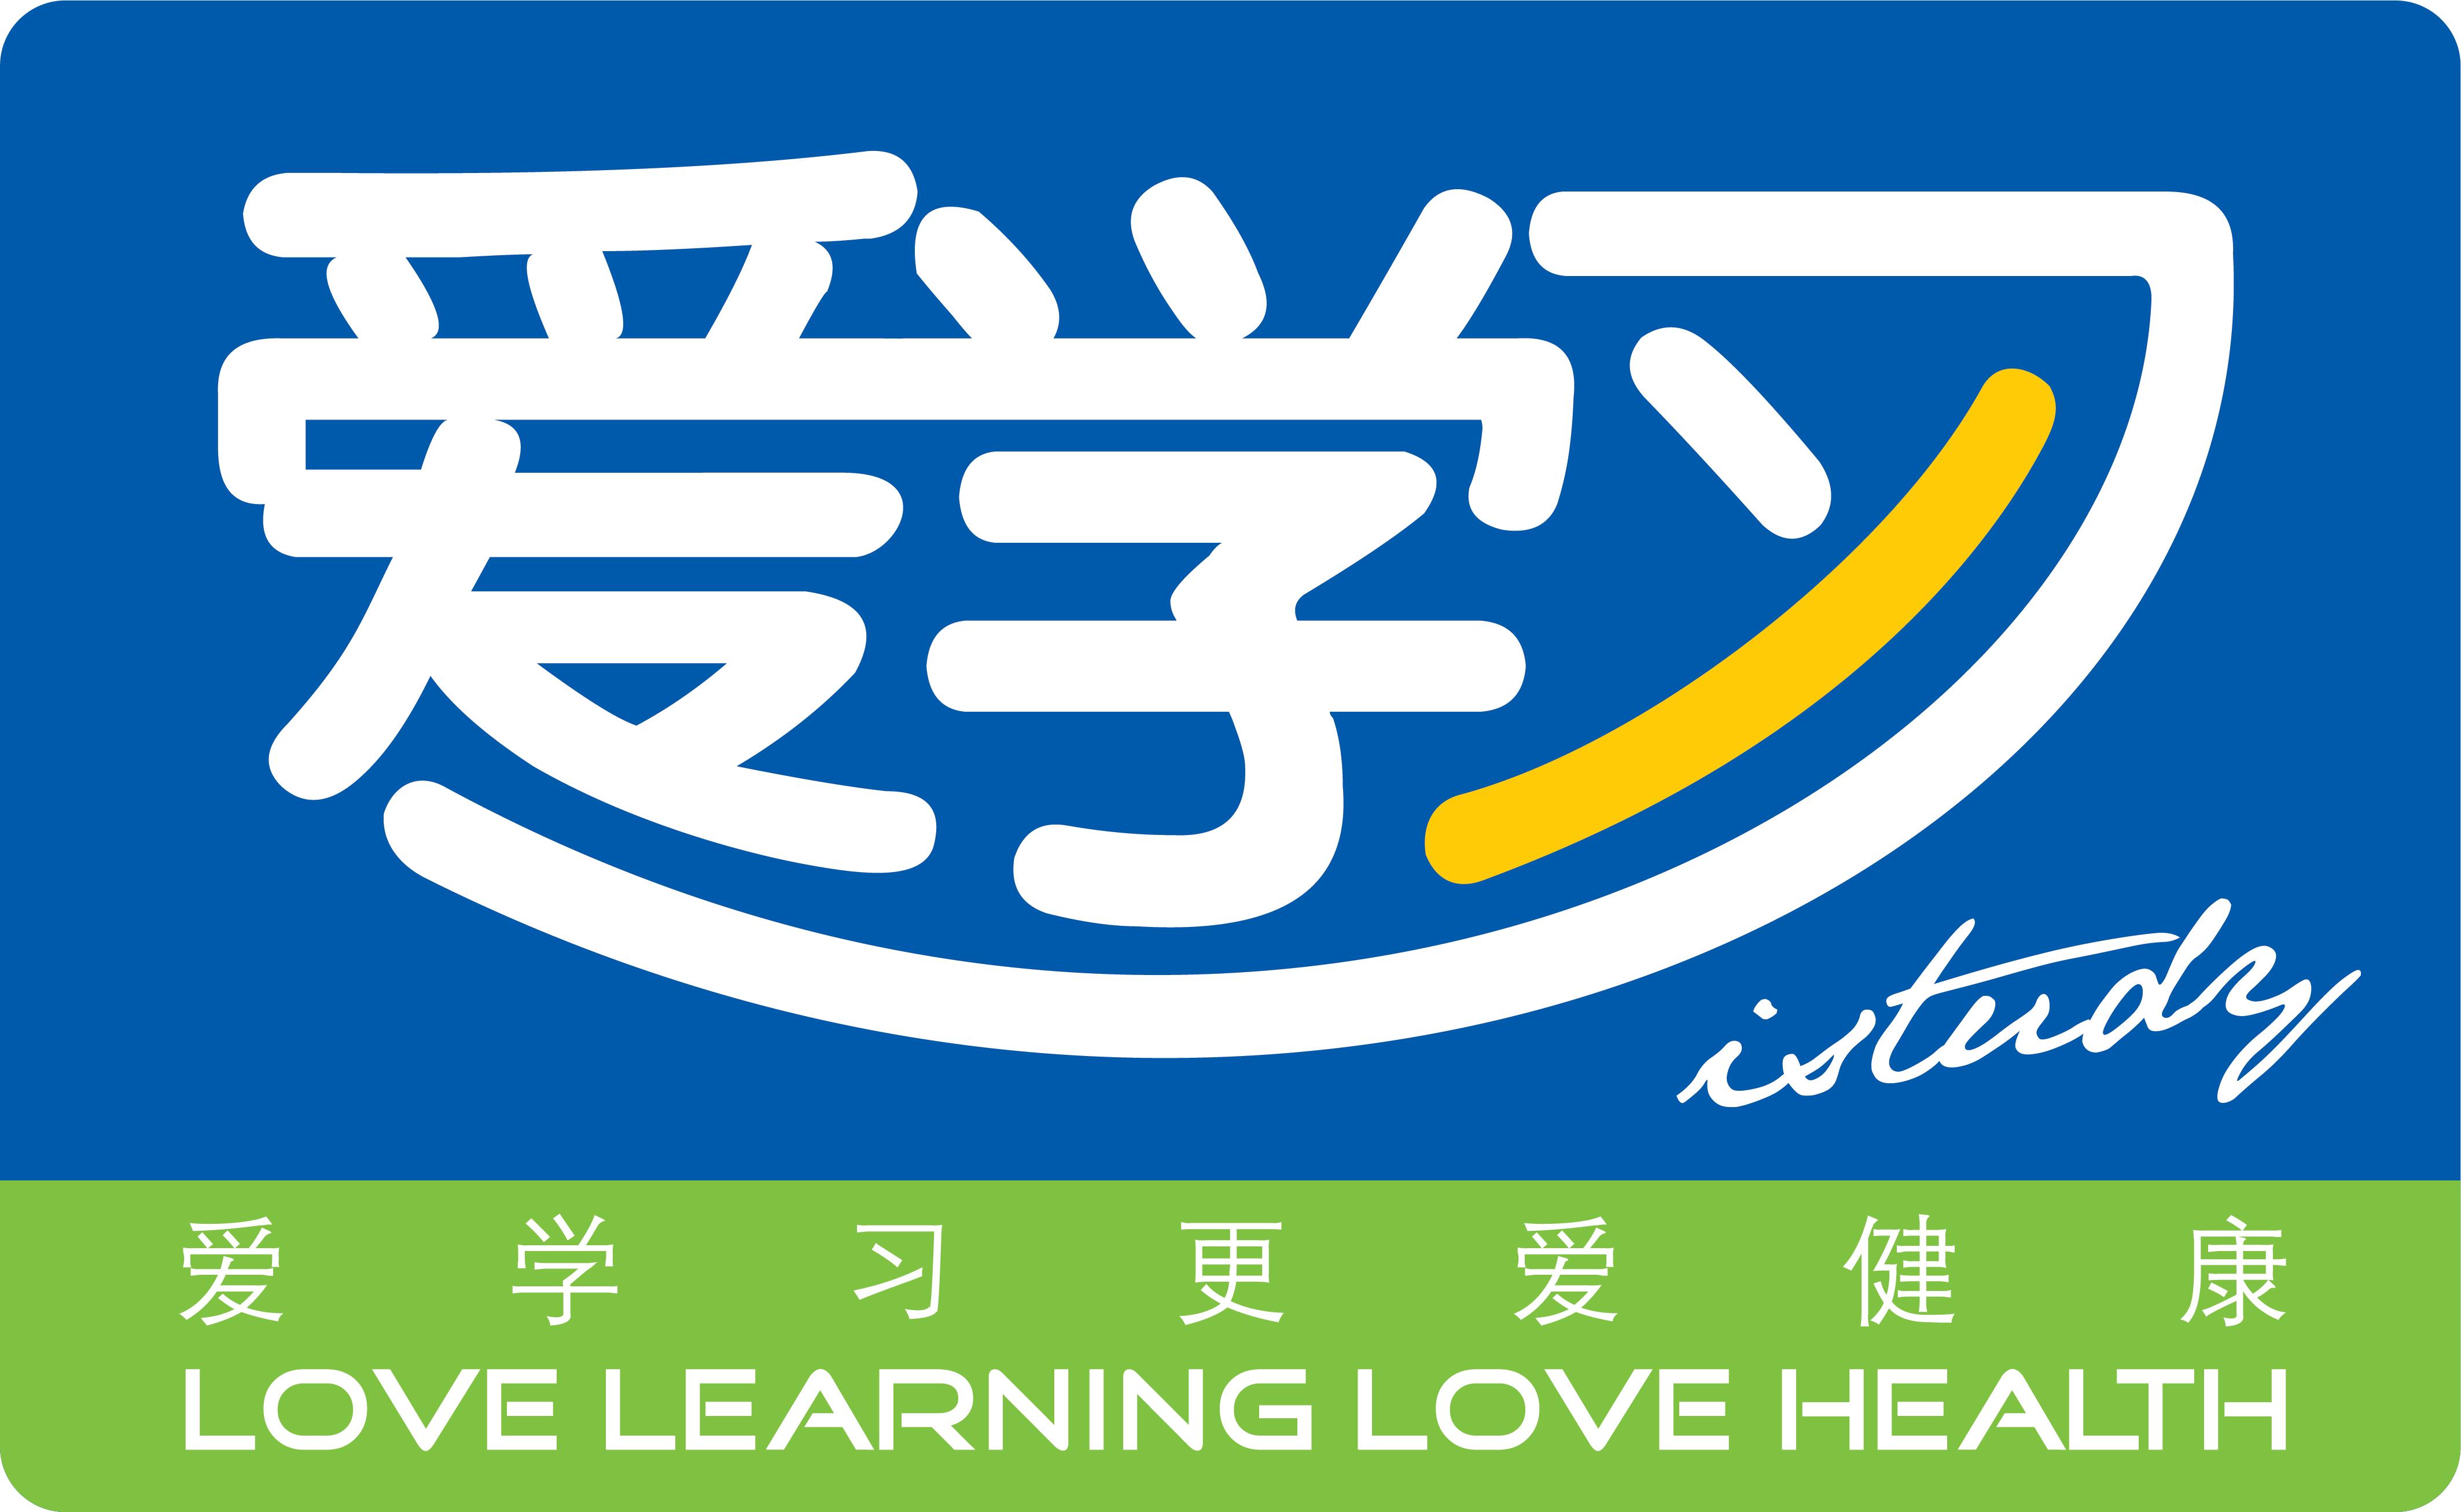 爱学习智慧学习桌